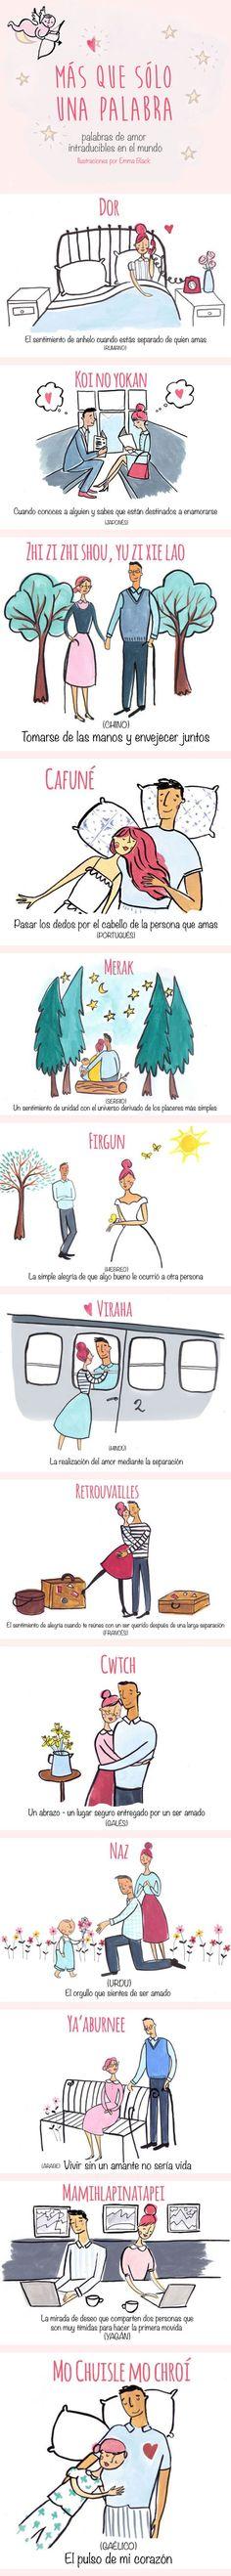 30 palabras intraducibles para hablar de amor en todos los idiomas | Upsocl